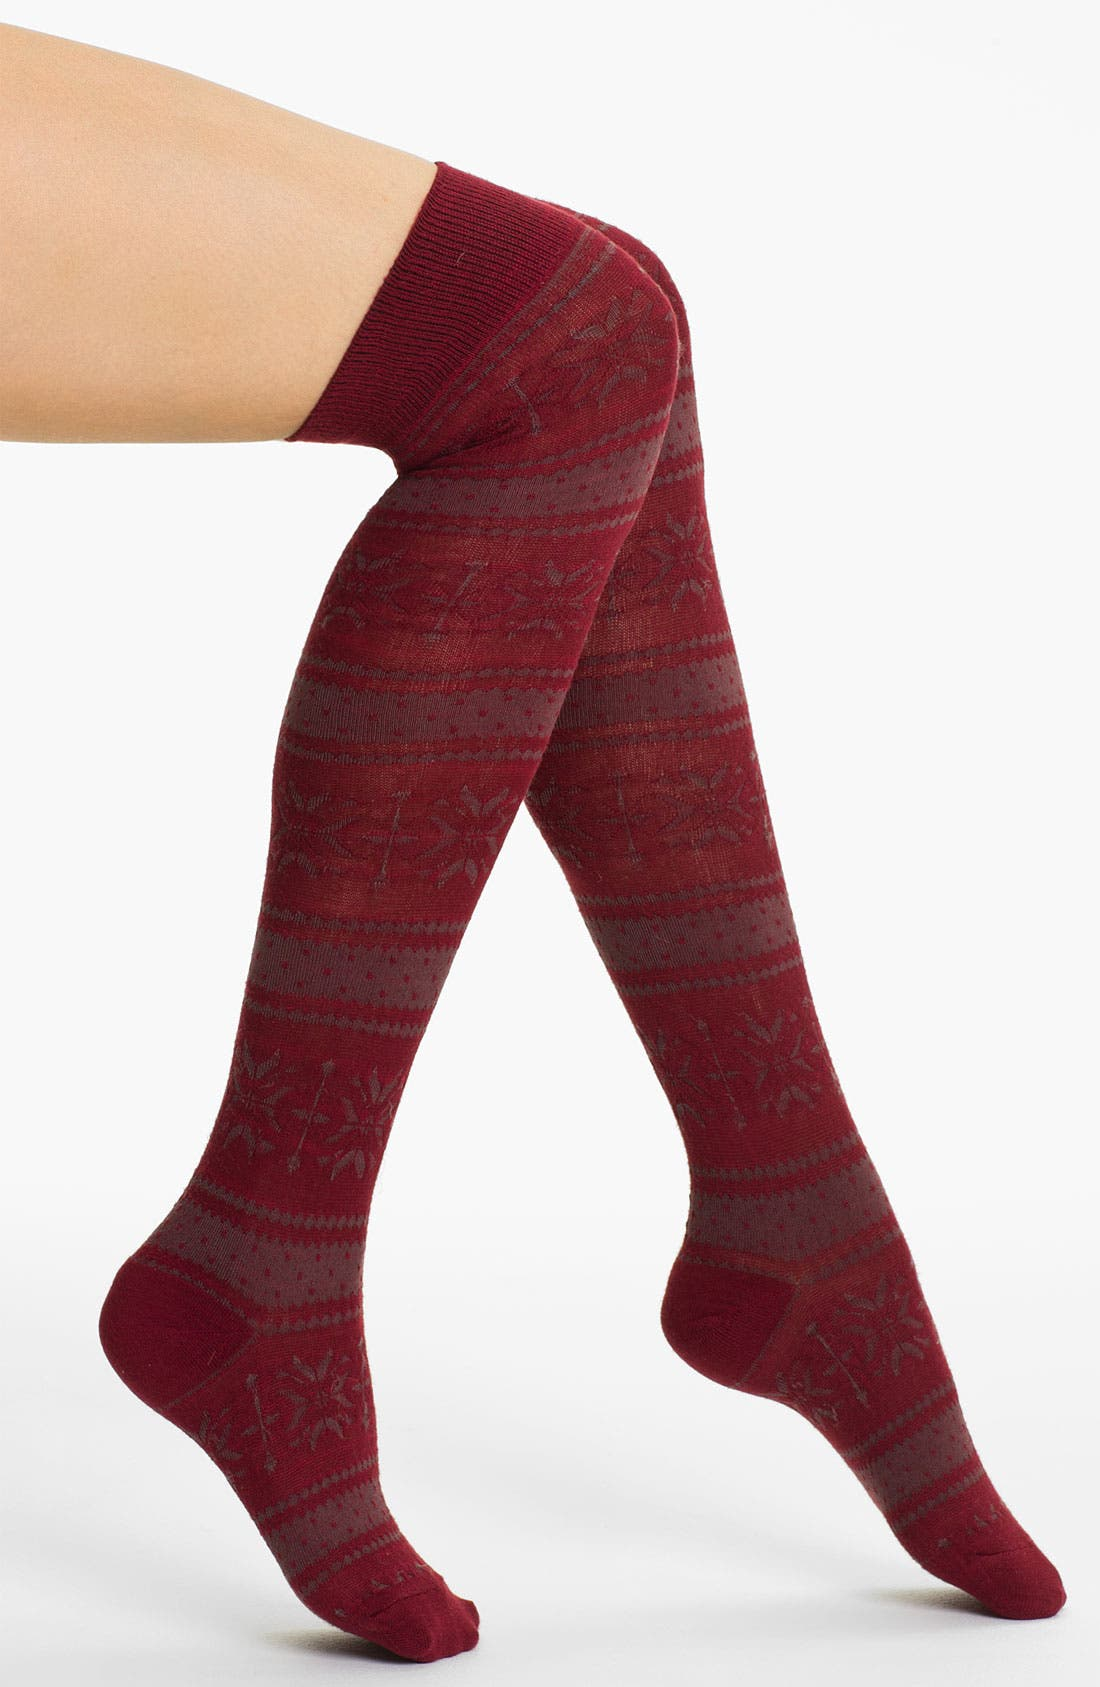 Alternate Image 1 Selected - Free People Fair Isle Over the Knee Socks